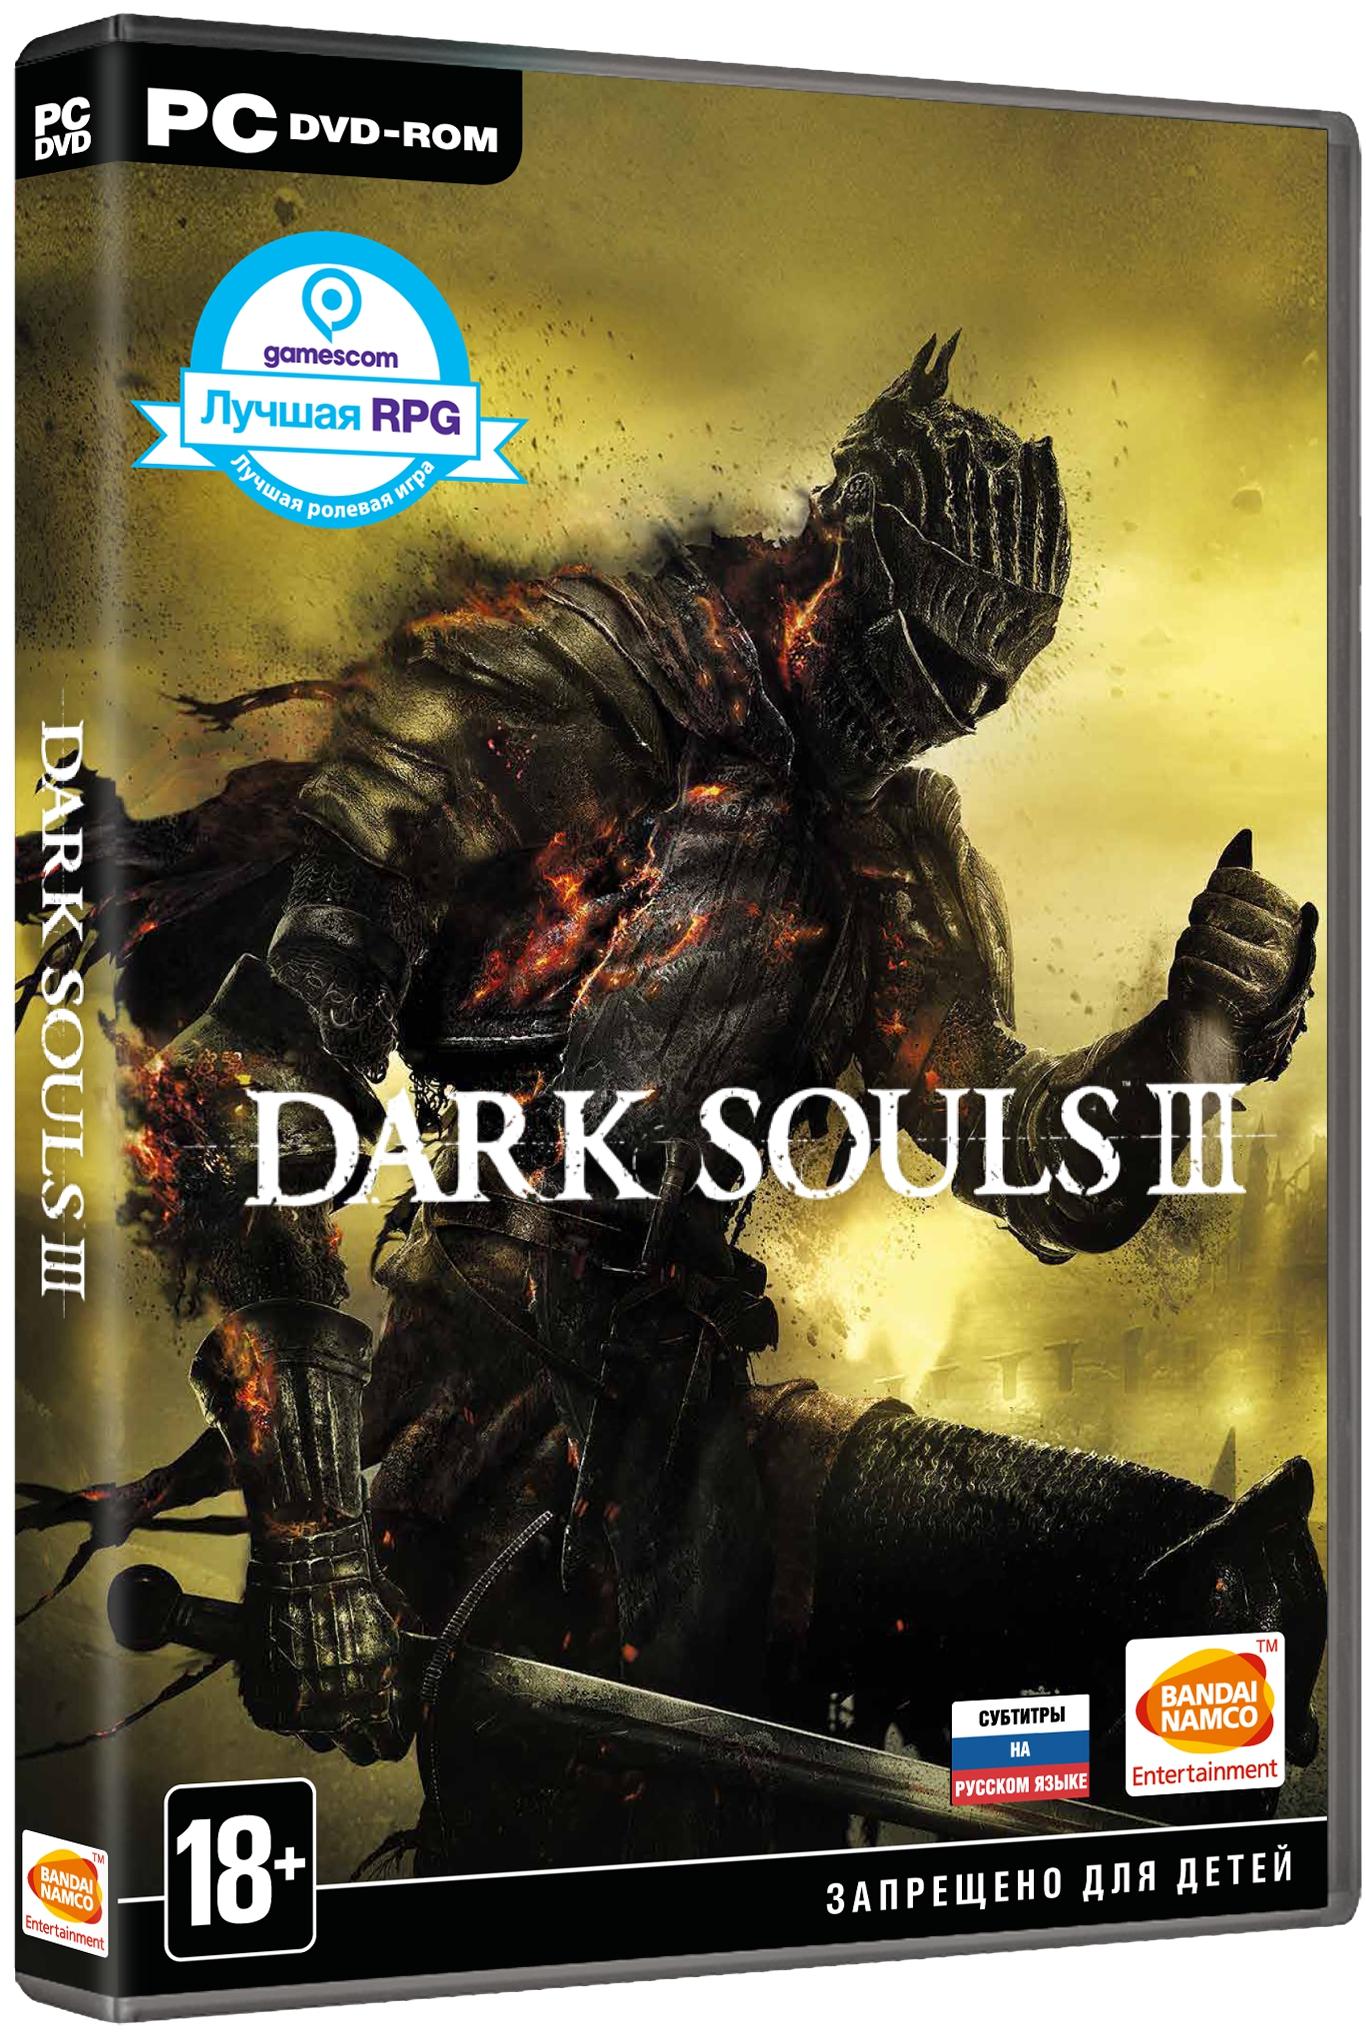 Dark Souls III [PC]Когда пламя угасает, и все обращается в прах, вас ждёт новое путешествие в мир, полный невероятных противников и грандиозных локаций. Бездна уникального геймплея и великолепной графики  Dark Souls III поглотит как ветеранов, так и новичков. И останутся лишь угли…<br>